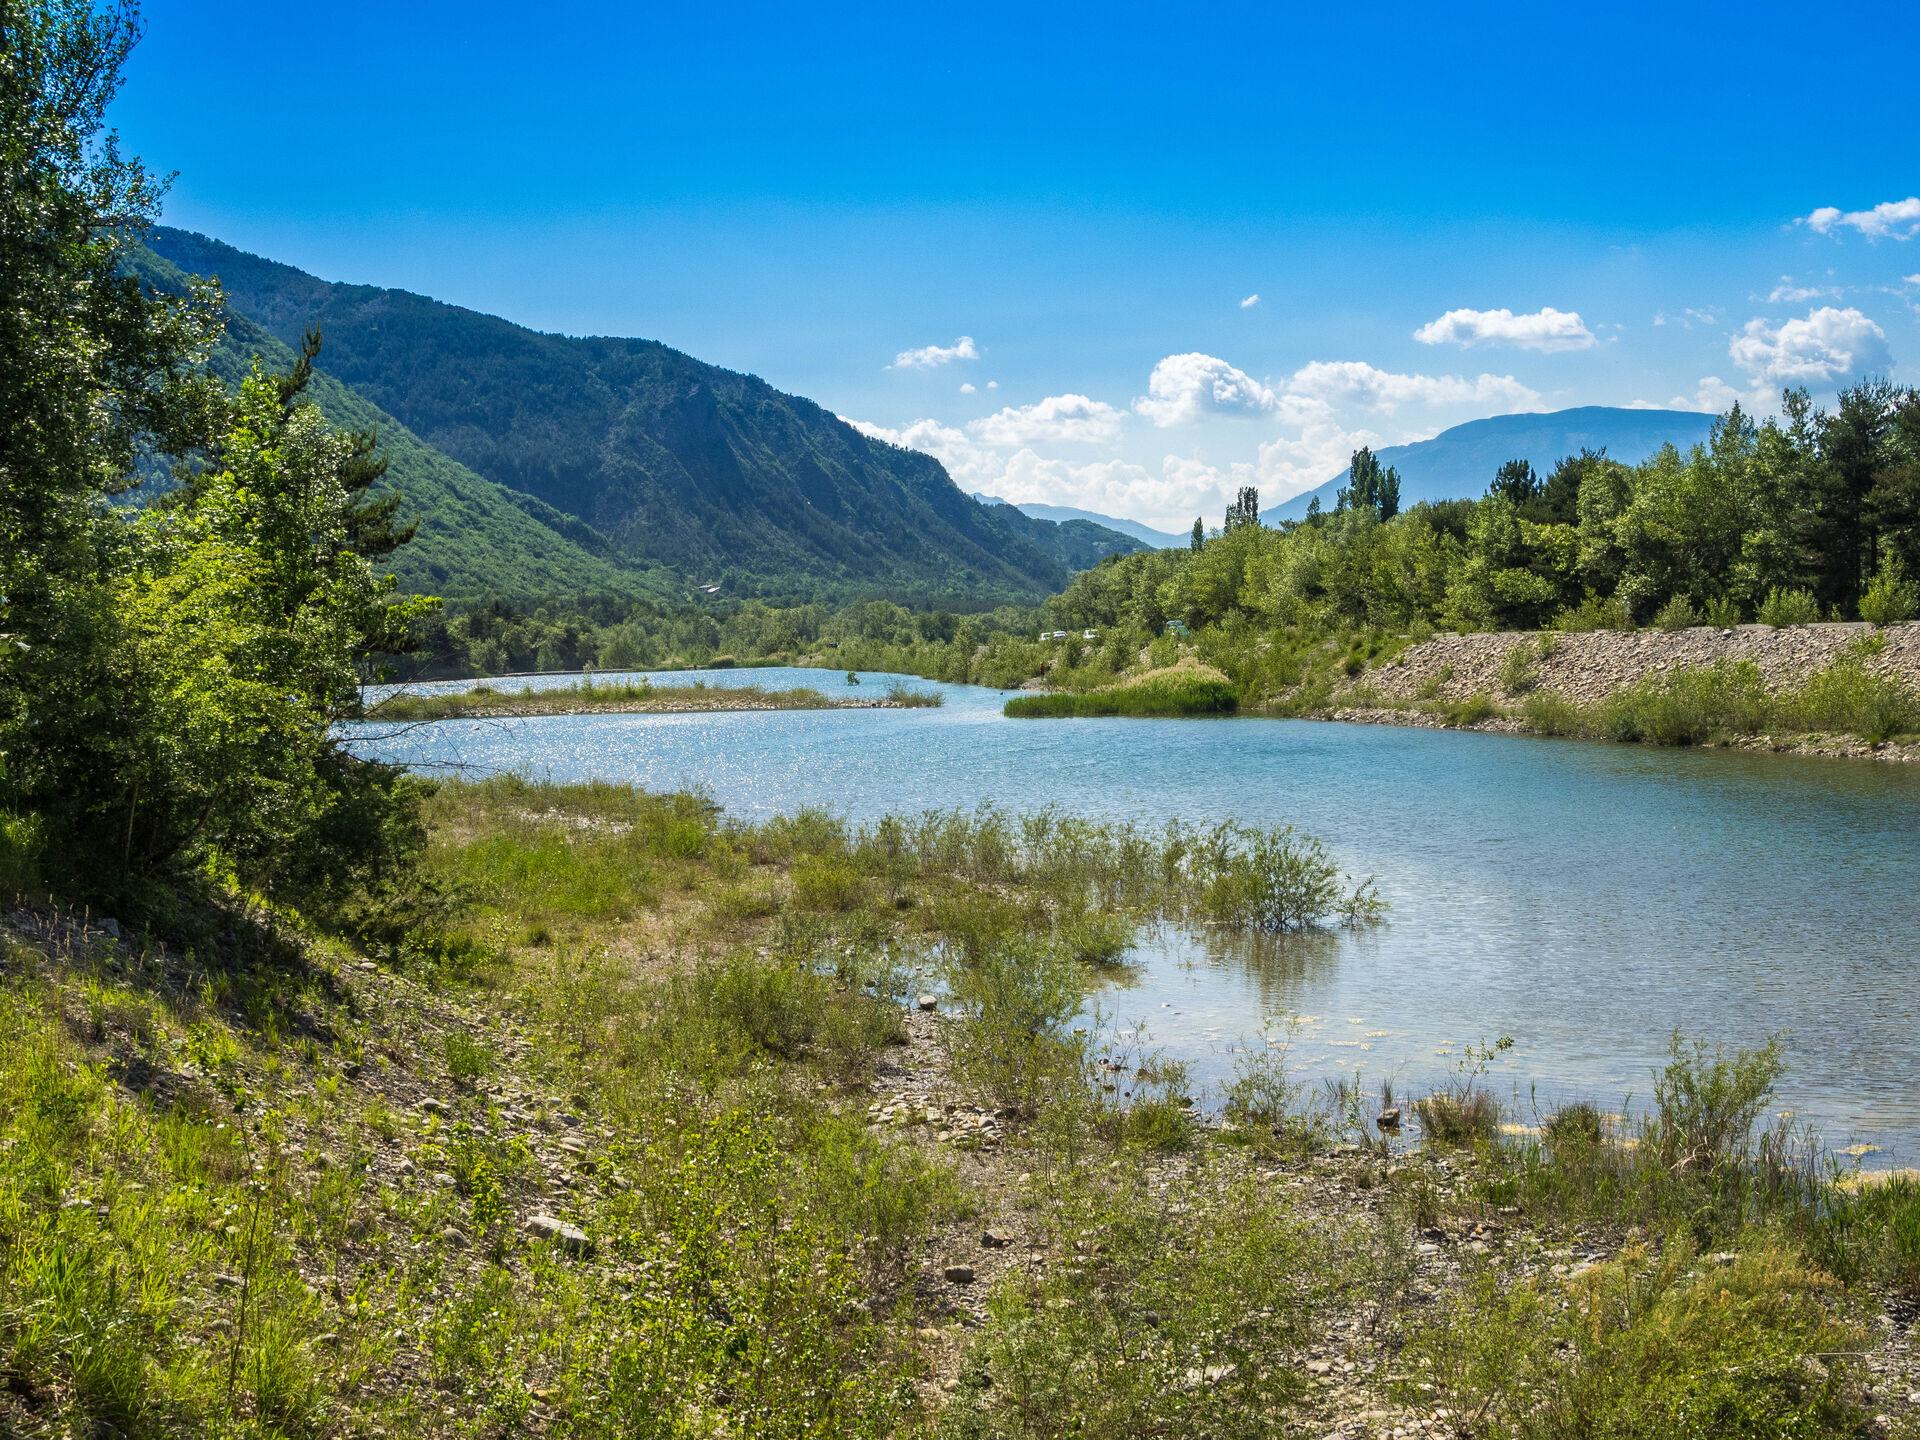 Vue sur un des trois lacs aux couleurs émeraudes